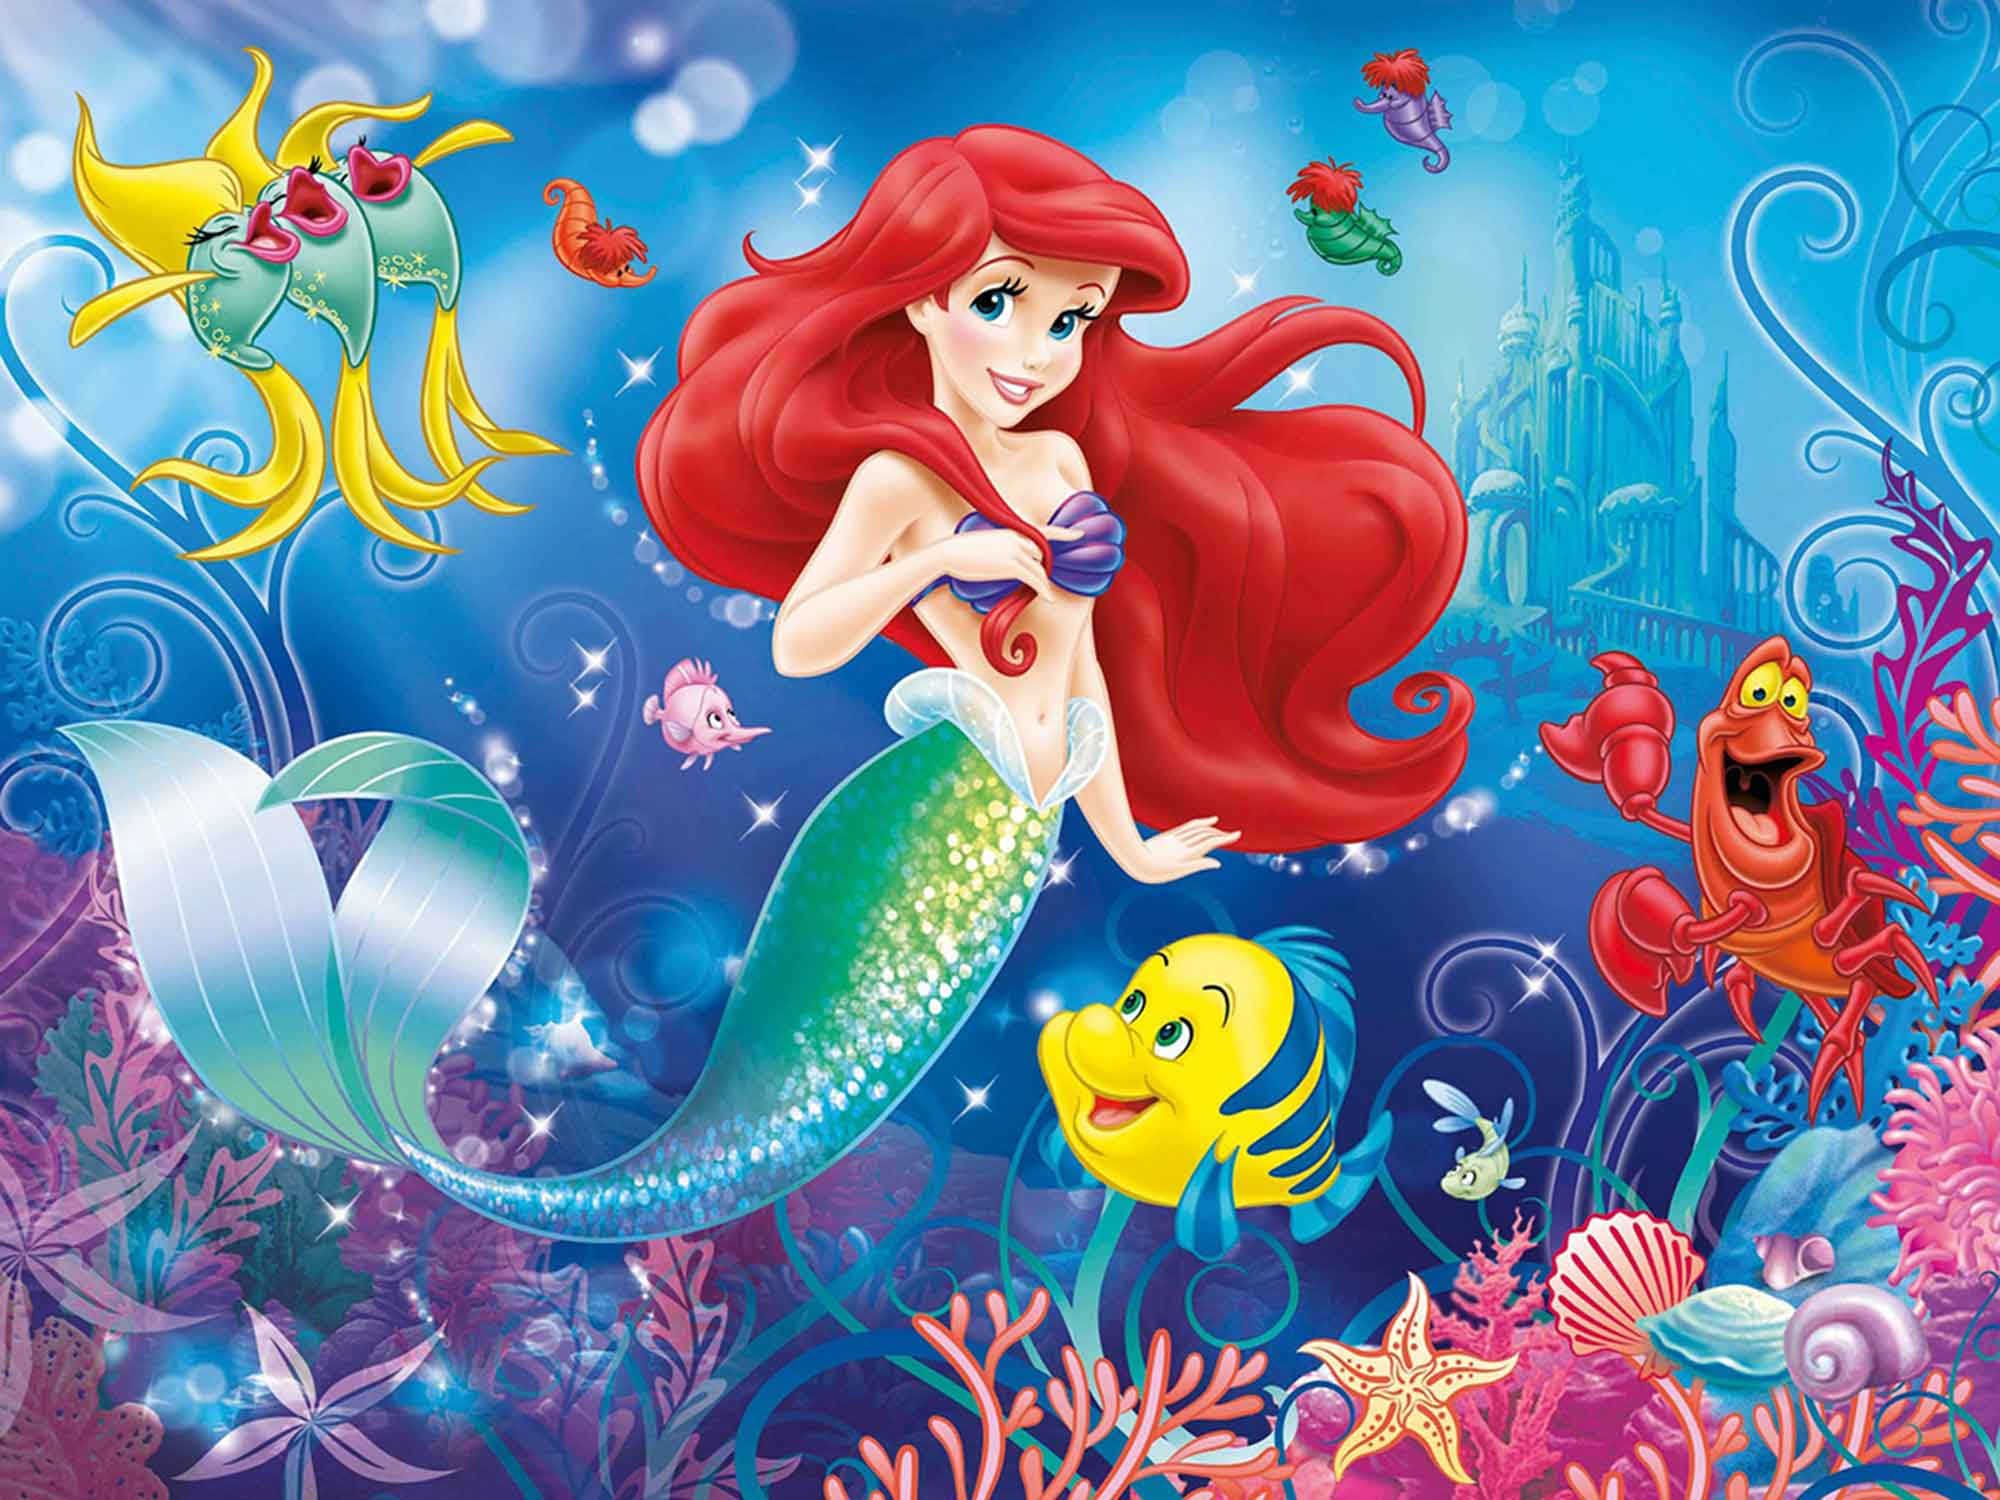 Papel de Parede Infantil Ariel 0007 - papel de parede para quarto  - Paredes Decoradas